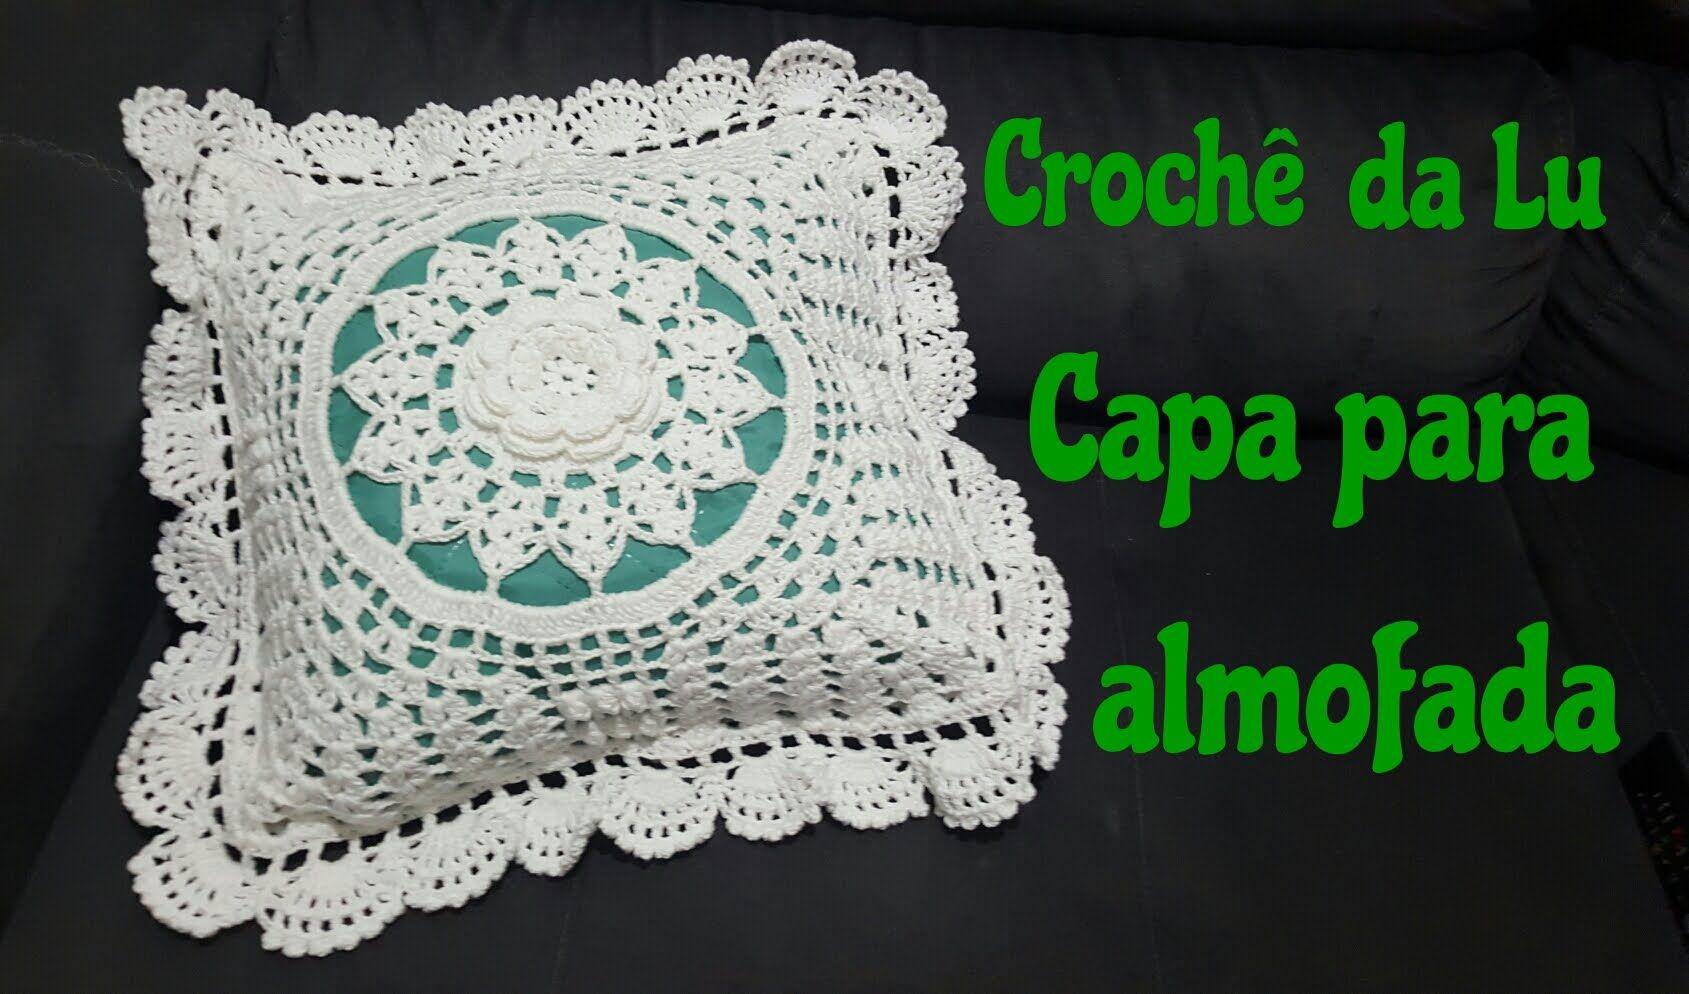 Capa De Almofada Em Croche Passo A Passo Com Imagens